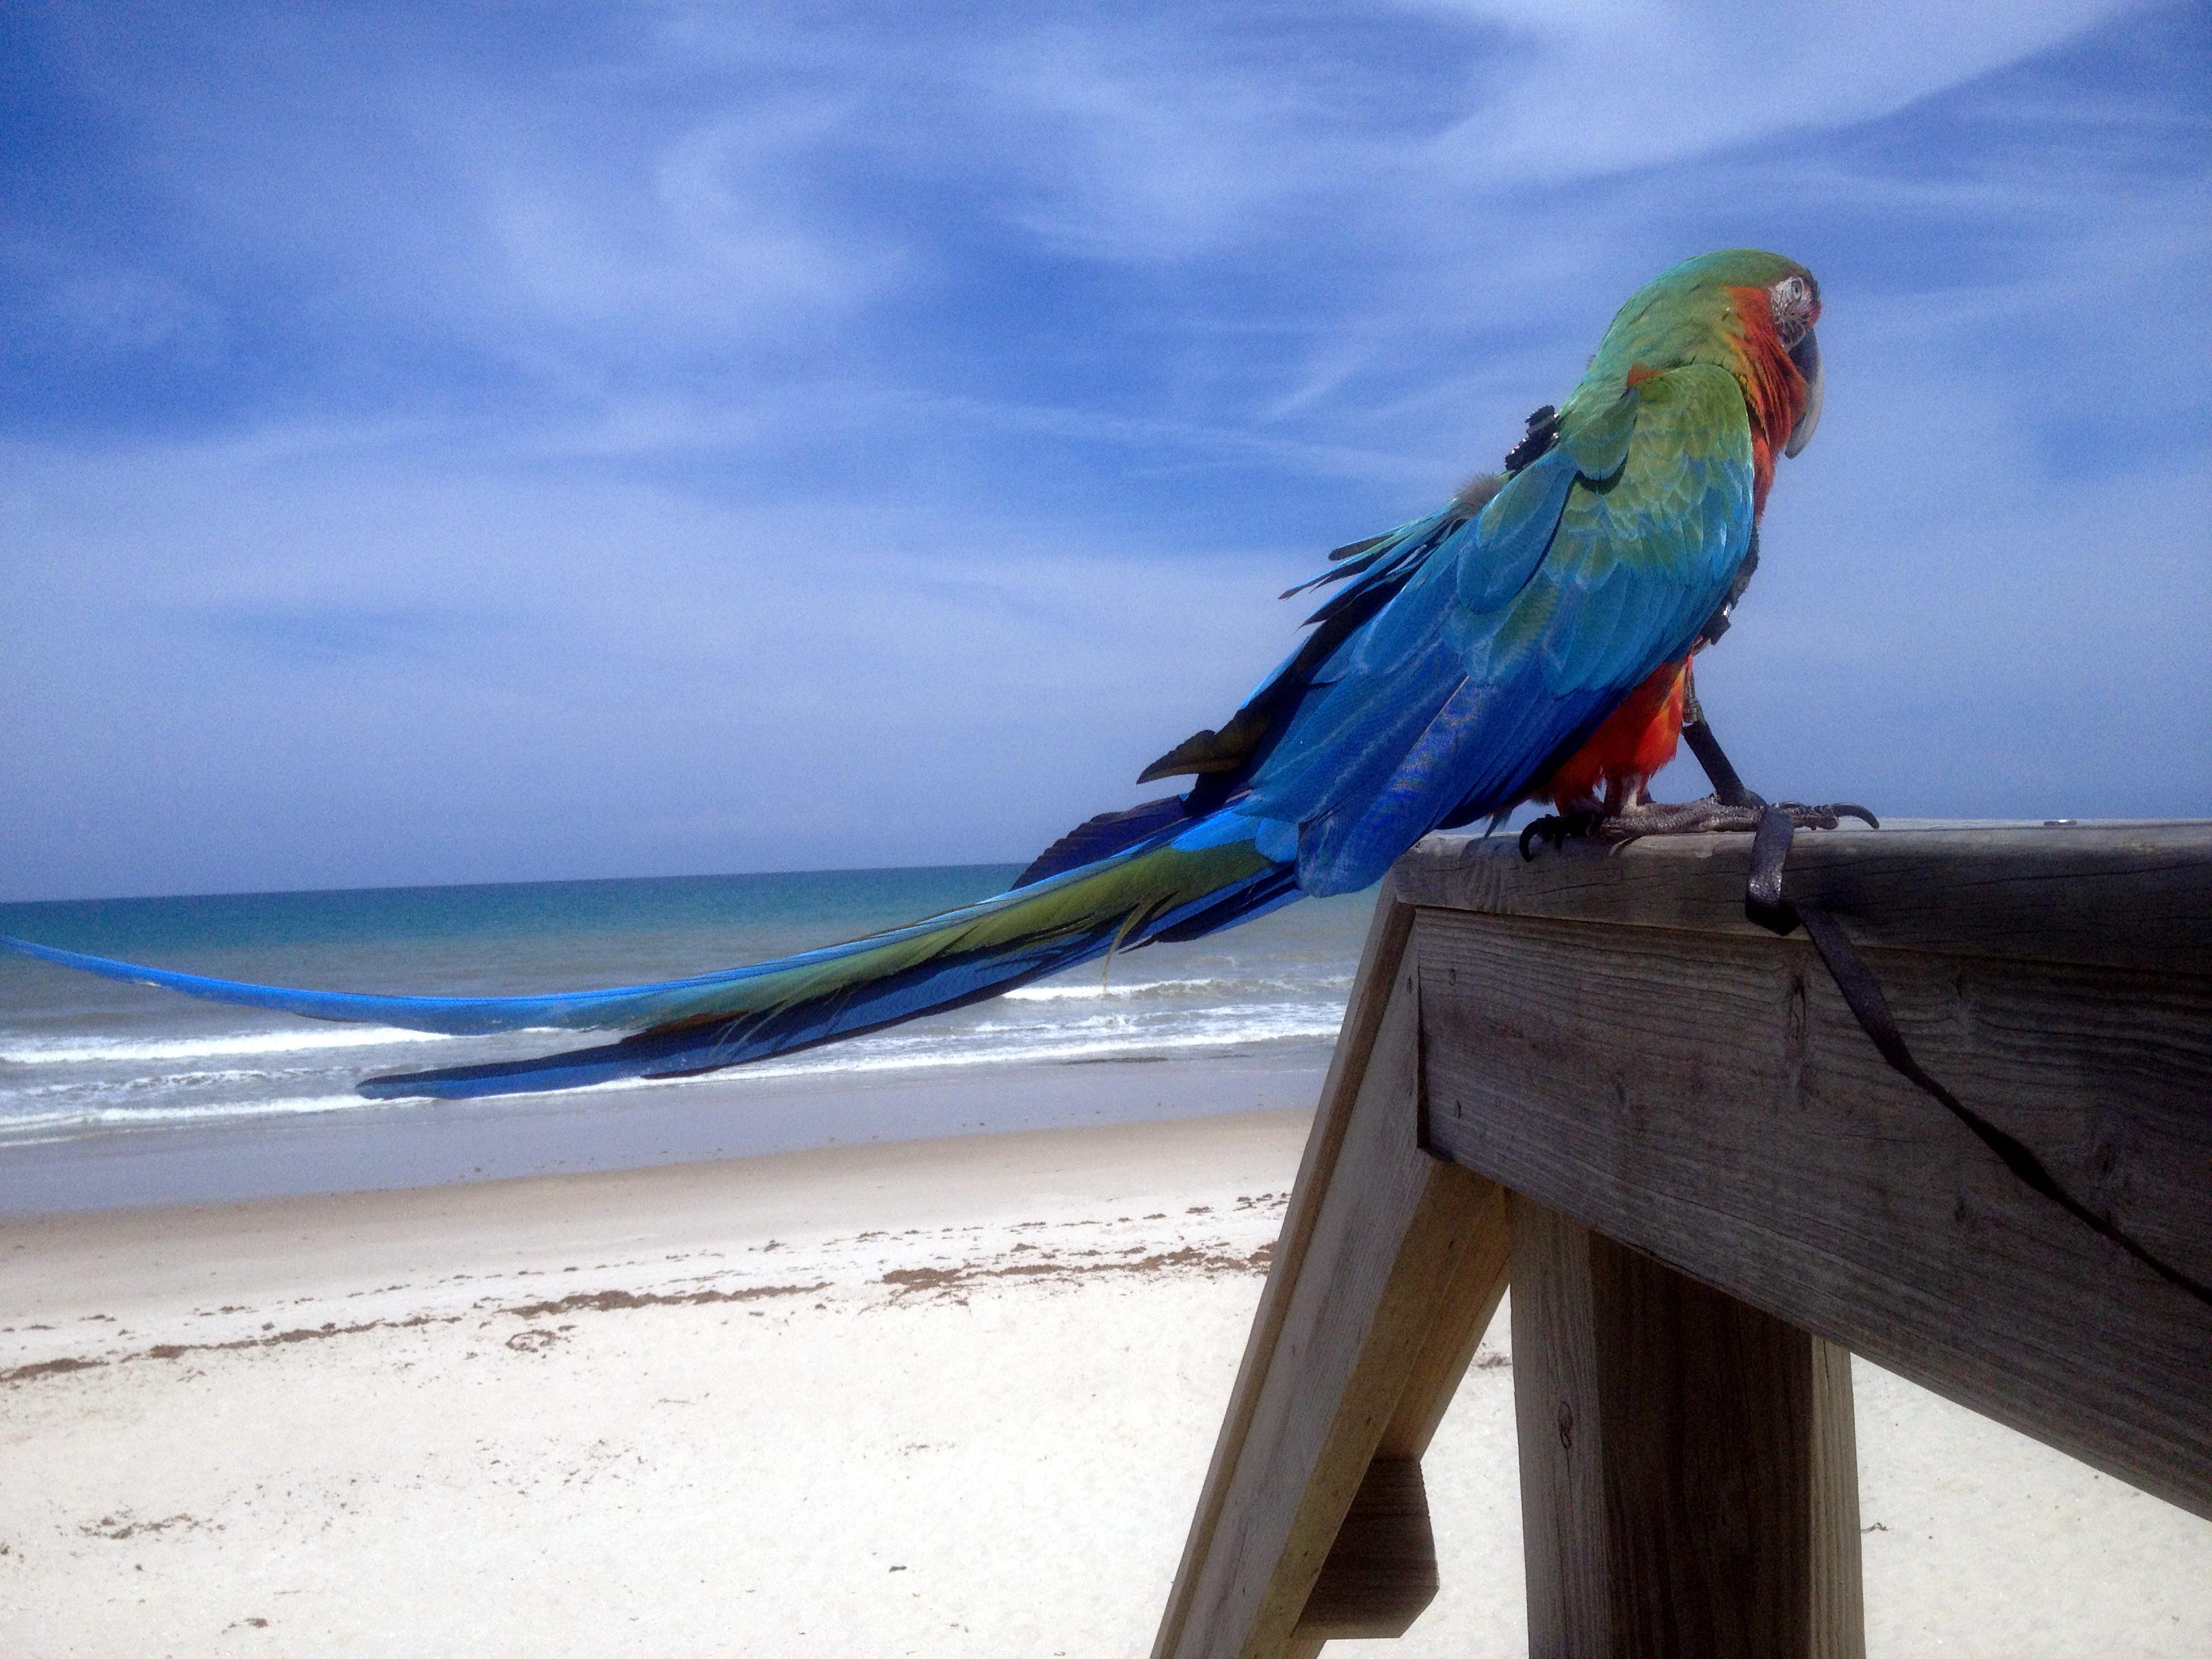 Kosh day dreams at the beach,